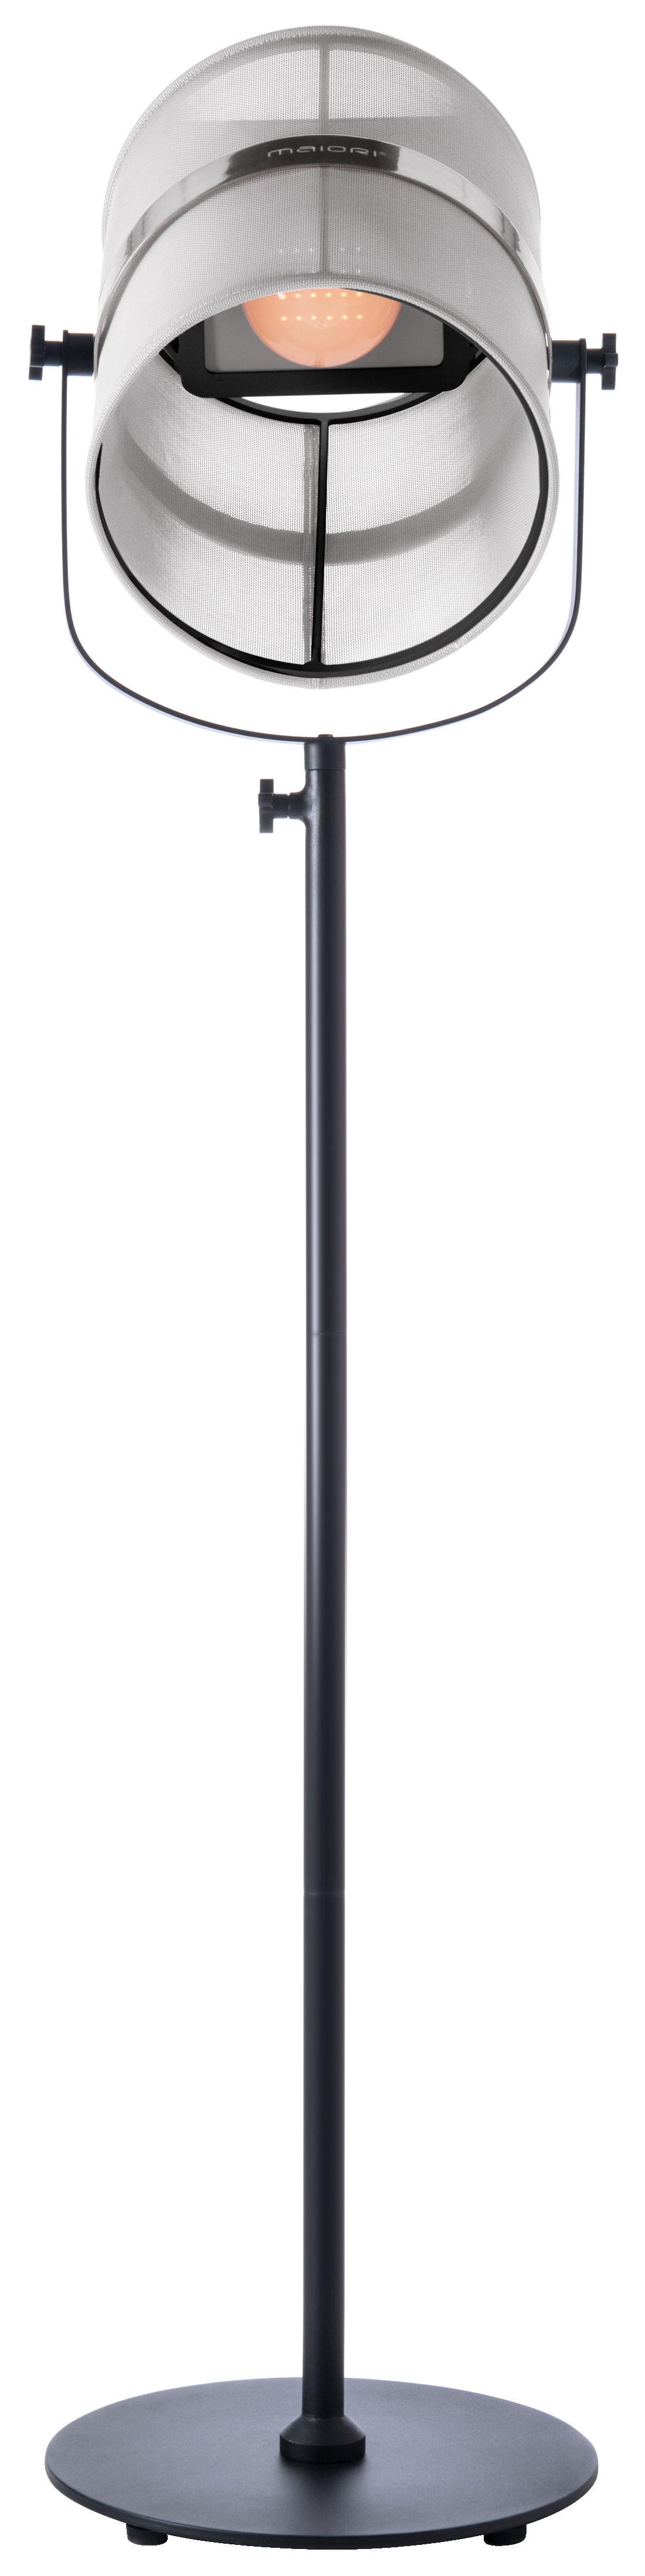 lampadaire solaire la lampe paris led sans fil blanc pied noir maiori. Black Bedroom Furniture Sets. Home Design Ideas